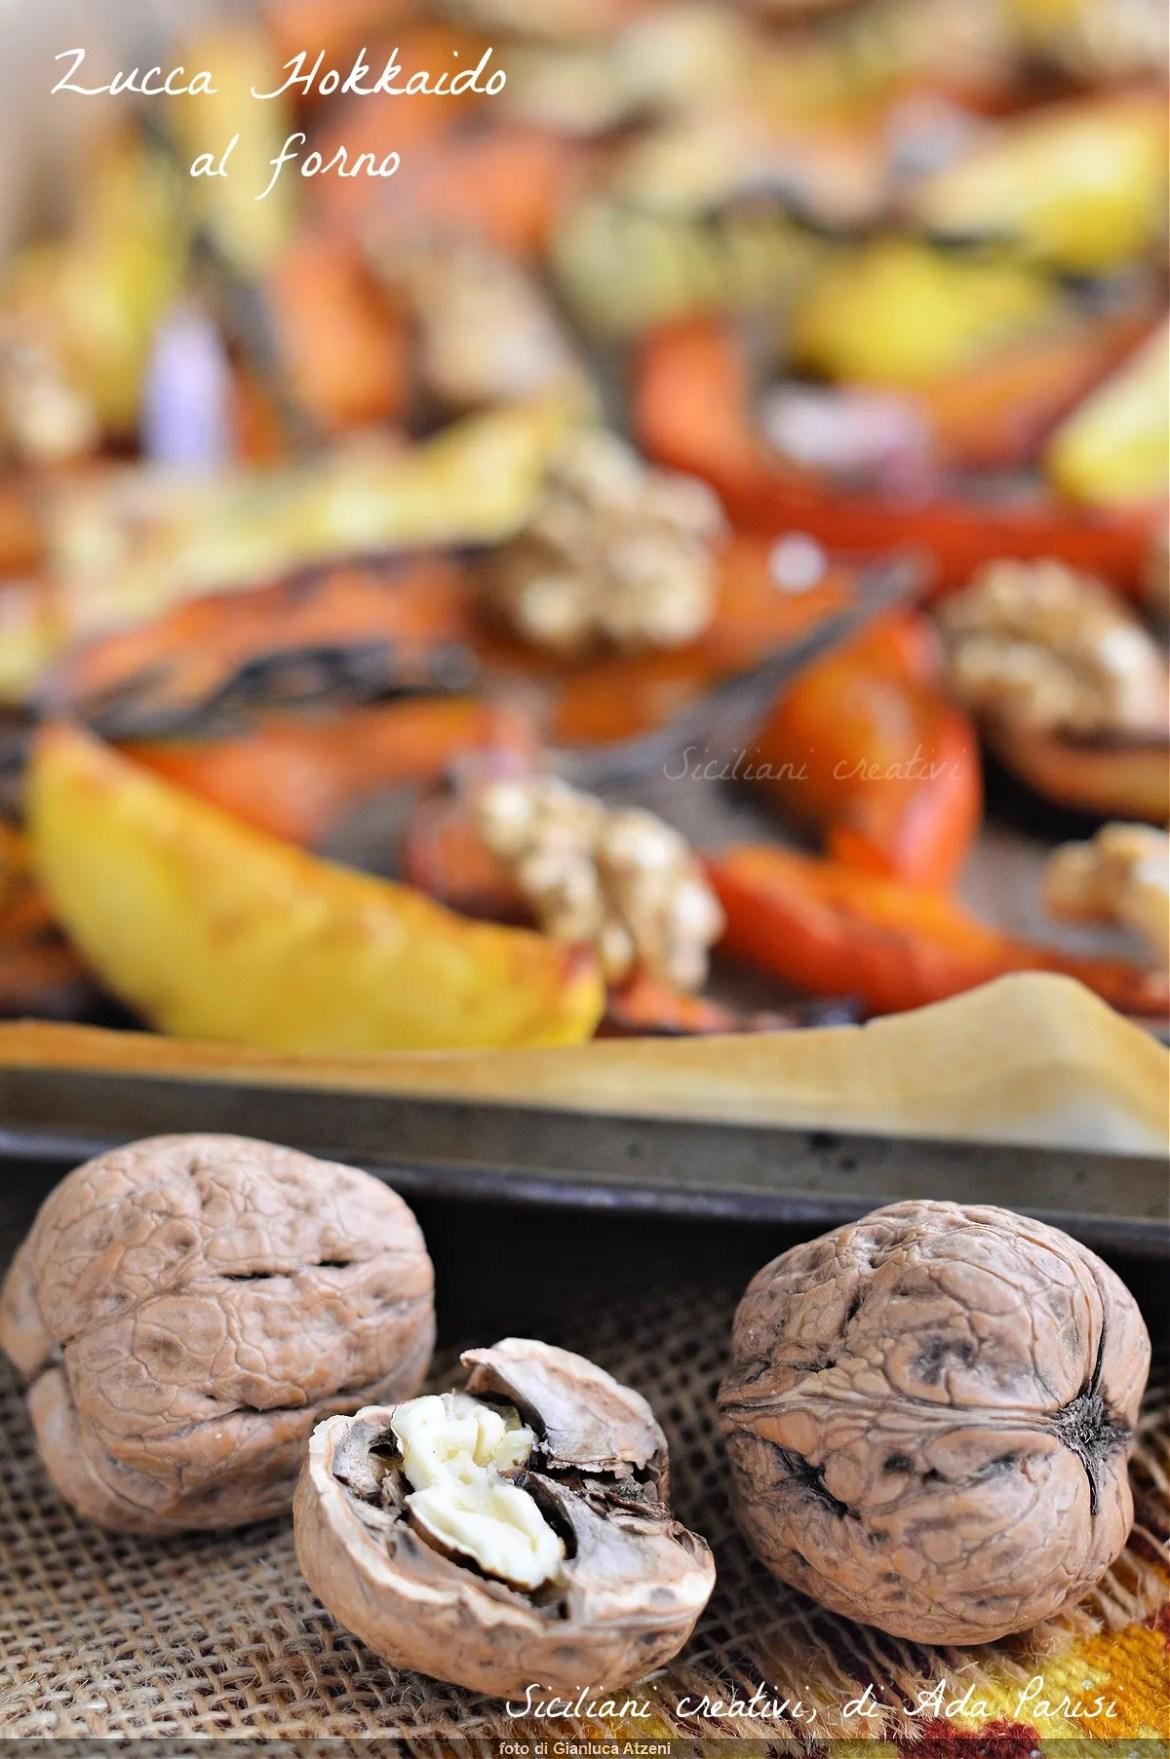 Zucca Hokkaido al forno